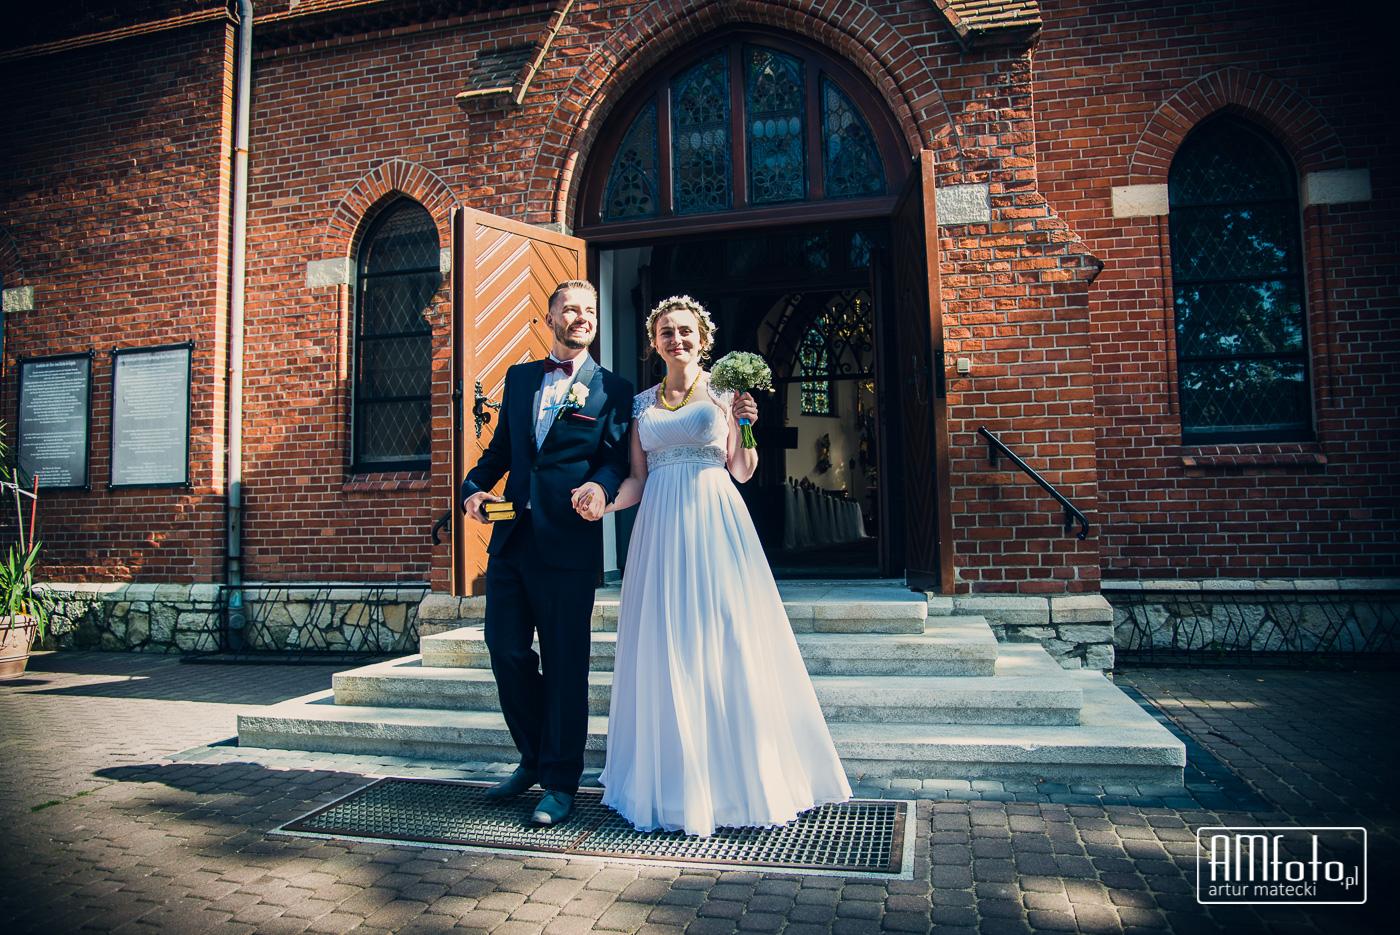 0318_Renata&Jakub_fotoreportaz_zdzieszowice_gogolin_hotel_vertigo____www-amfoto-pl__AMF_7632.jpg